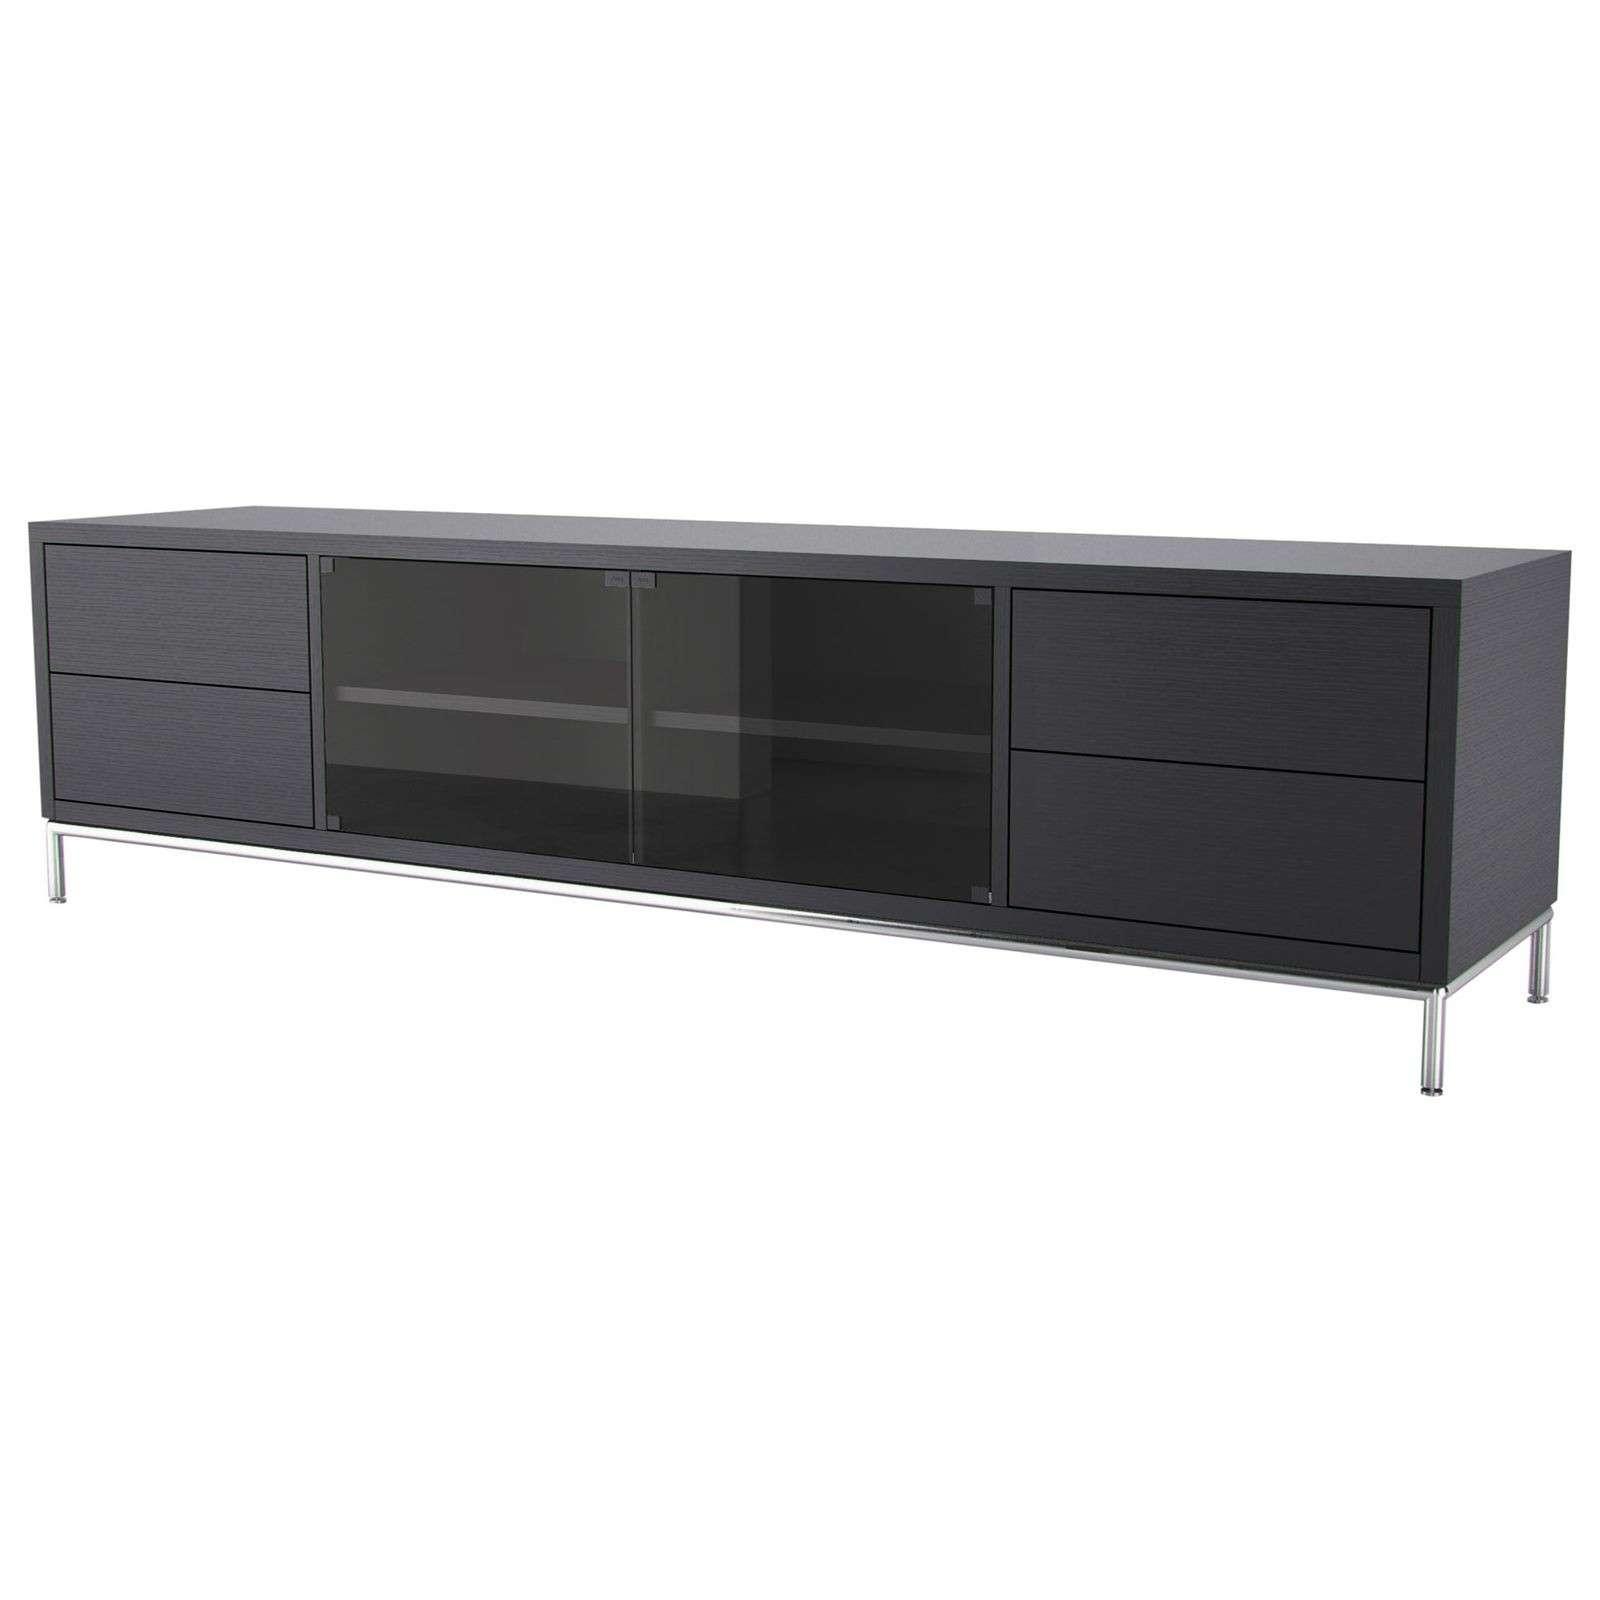 Lenox Media Cabinetmodloft | Modern Tv Stands | Cressina Inside Wenge Tv Cabinets (View 11 of 20)